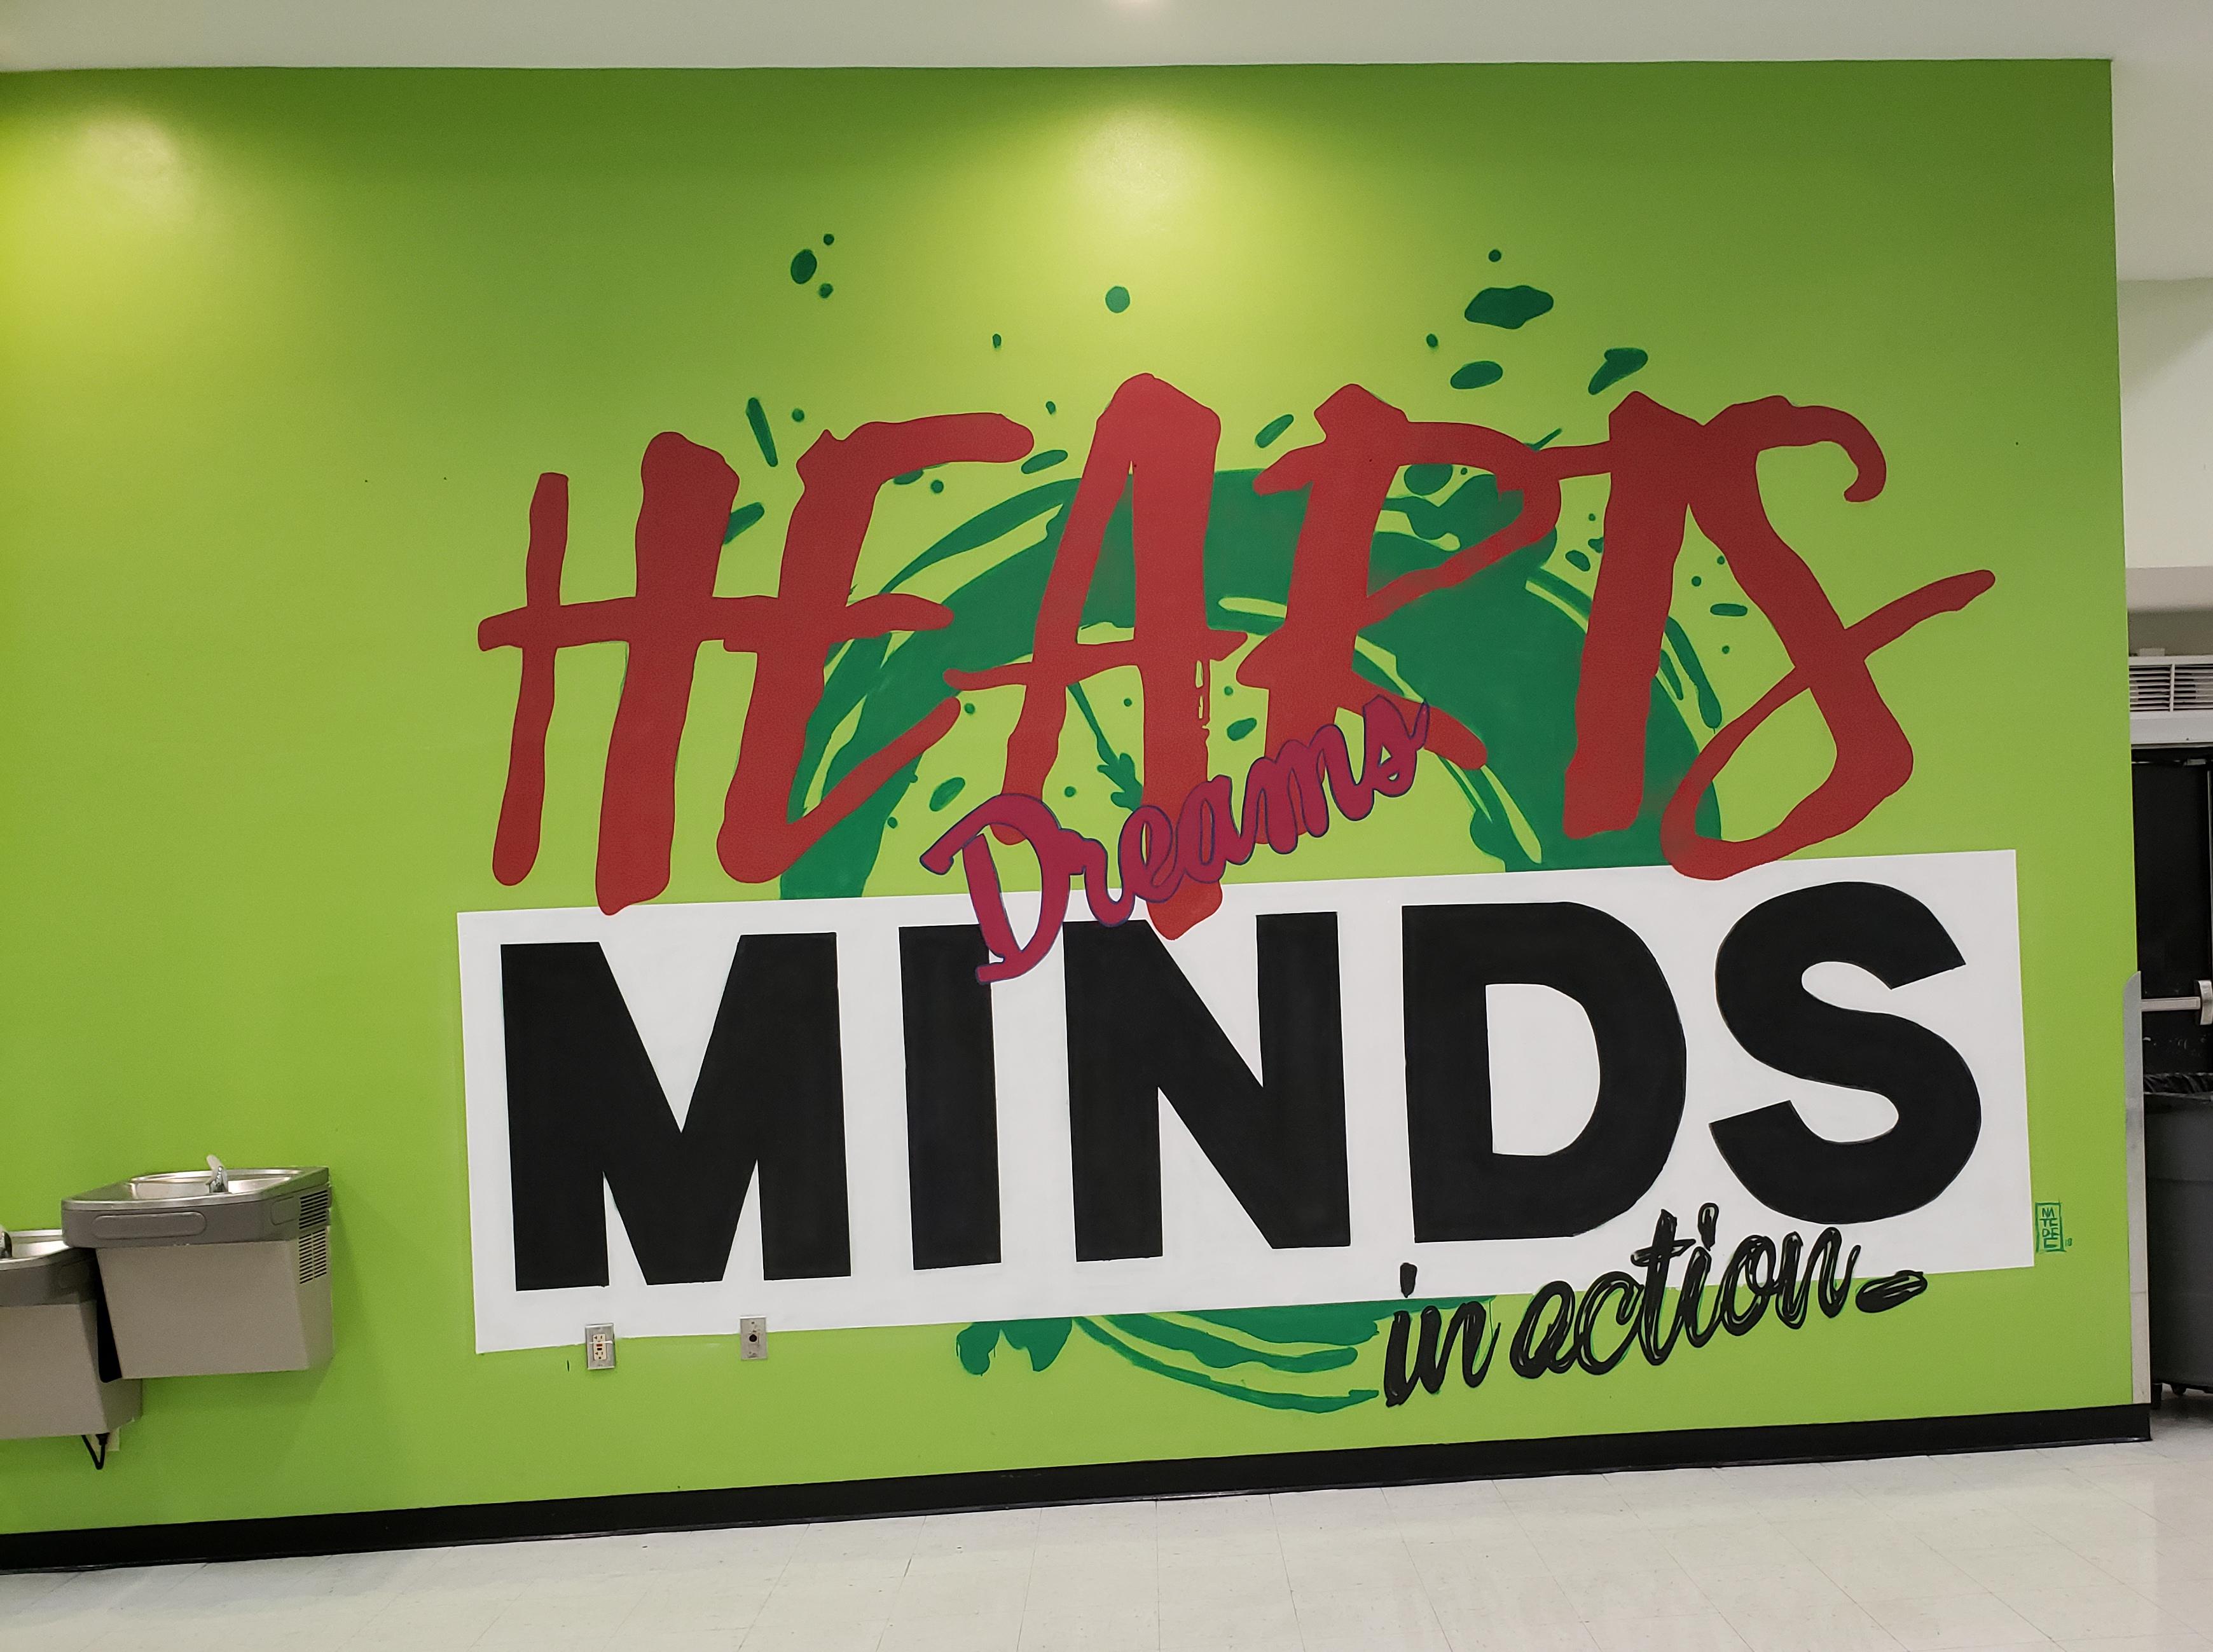 hearts dreams minds